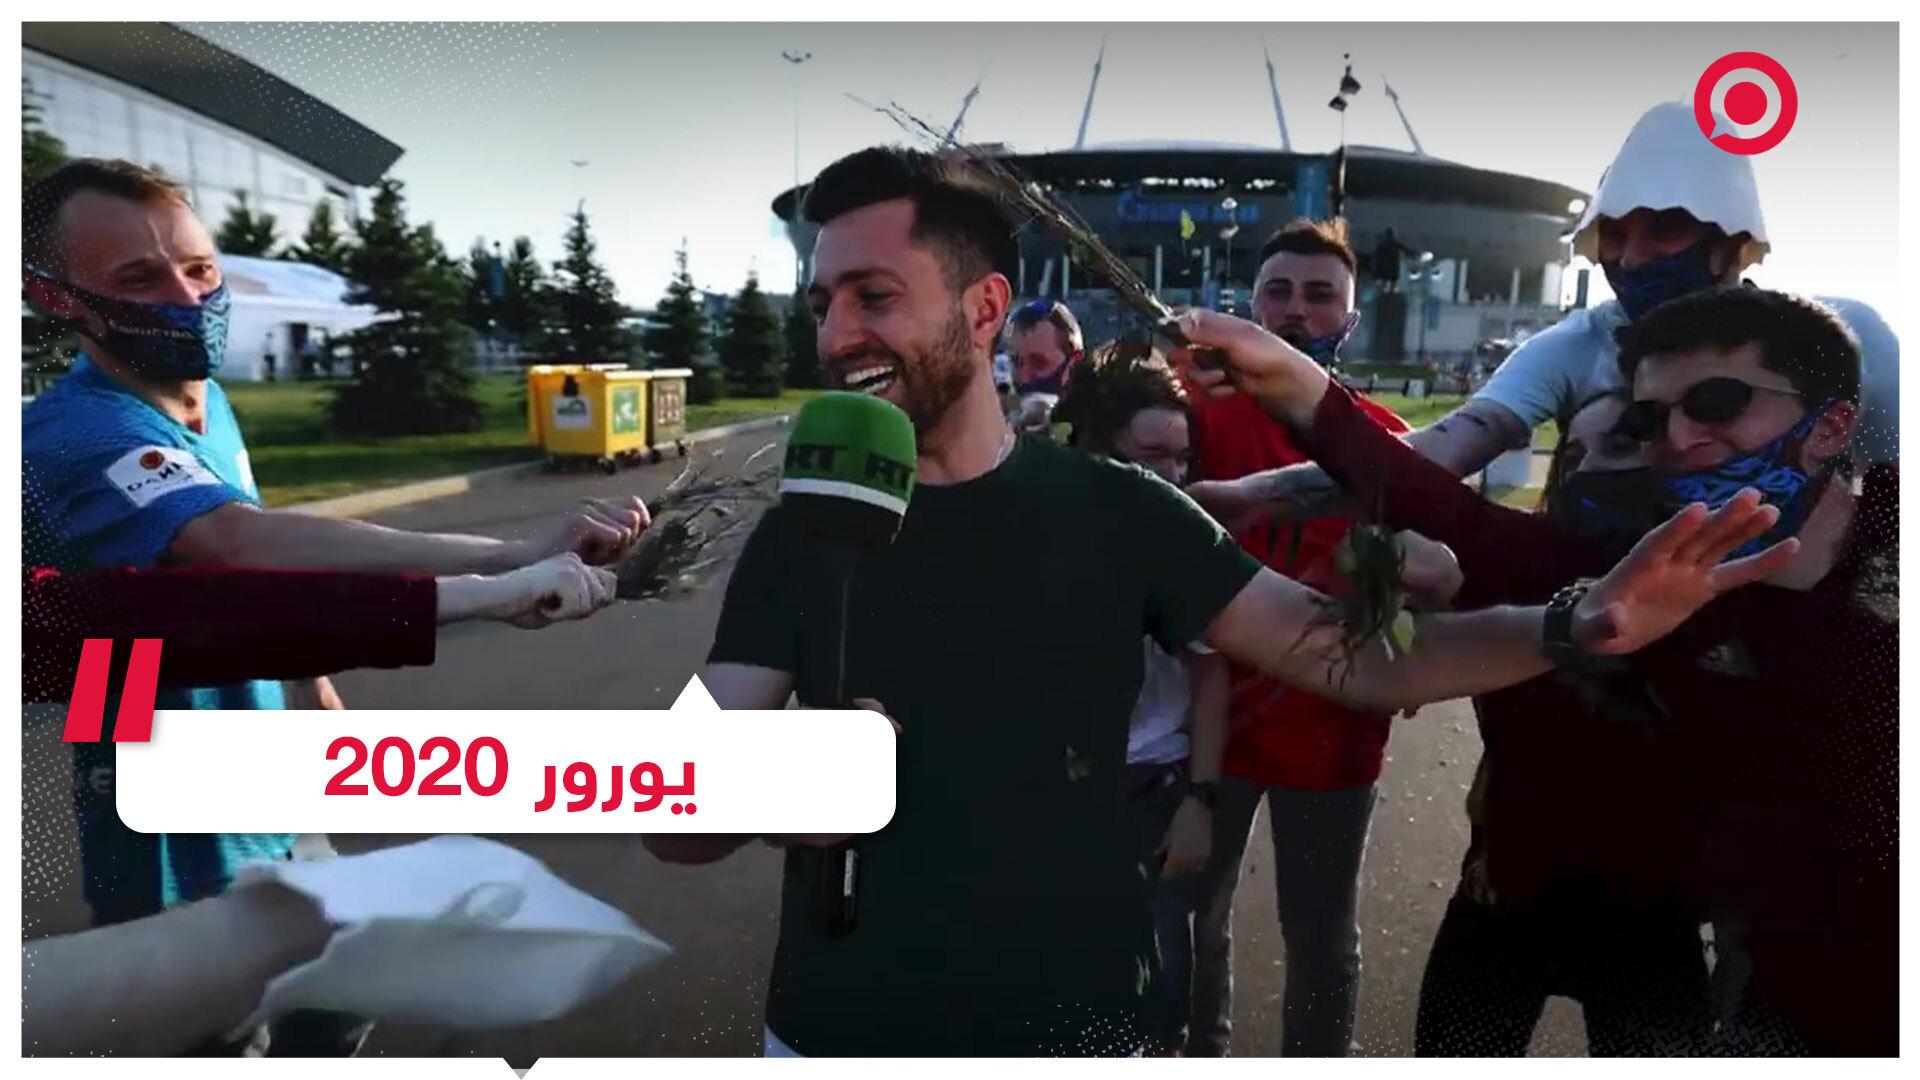 عودة أجواء الحماس إلى روسيا مع بطولة أمم أوروبا